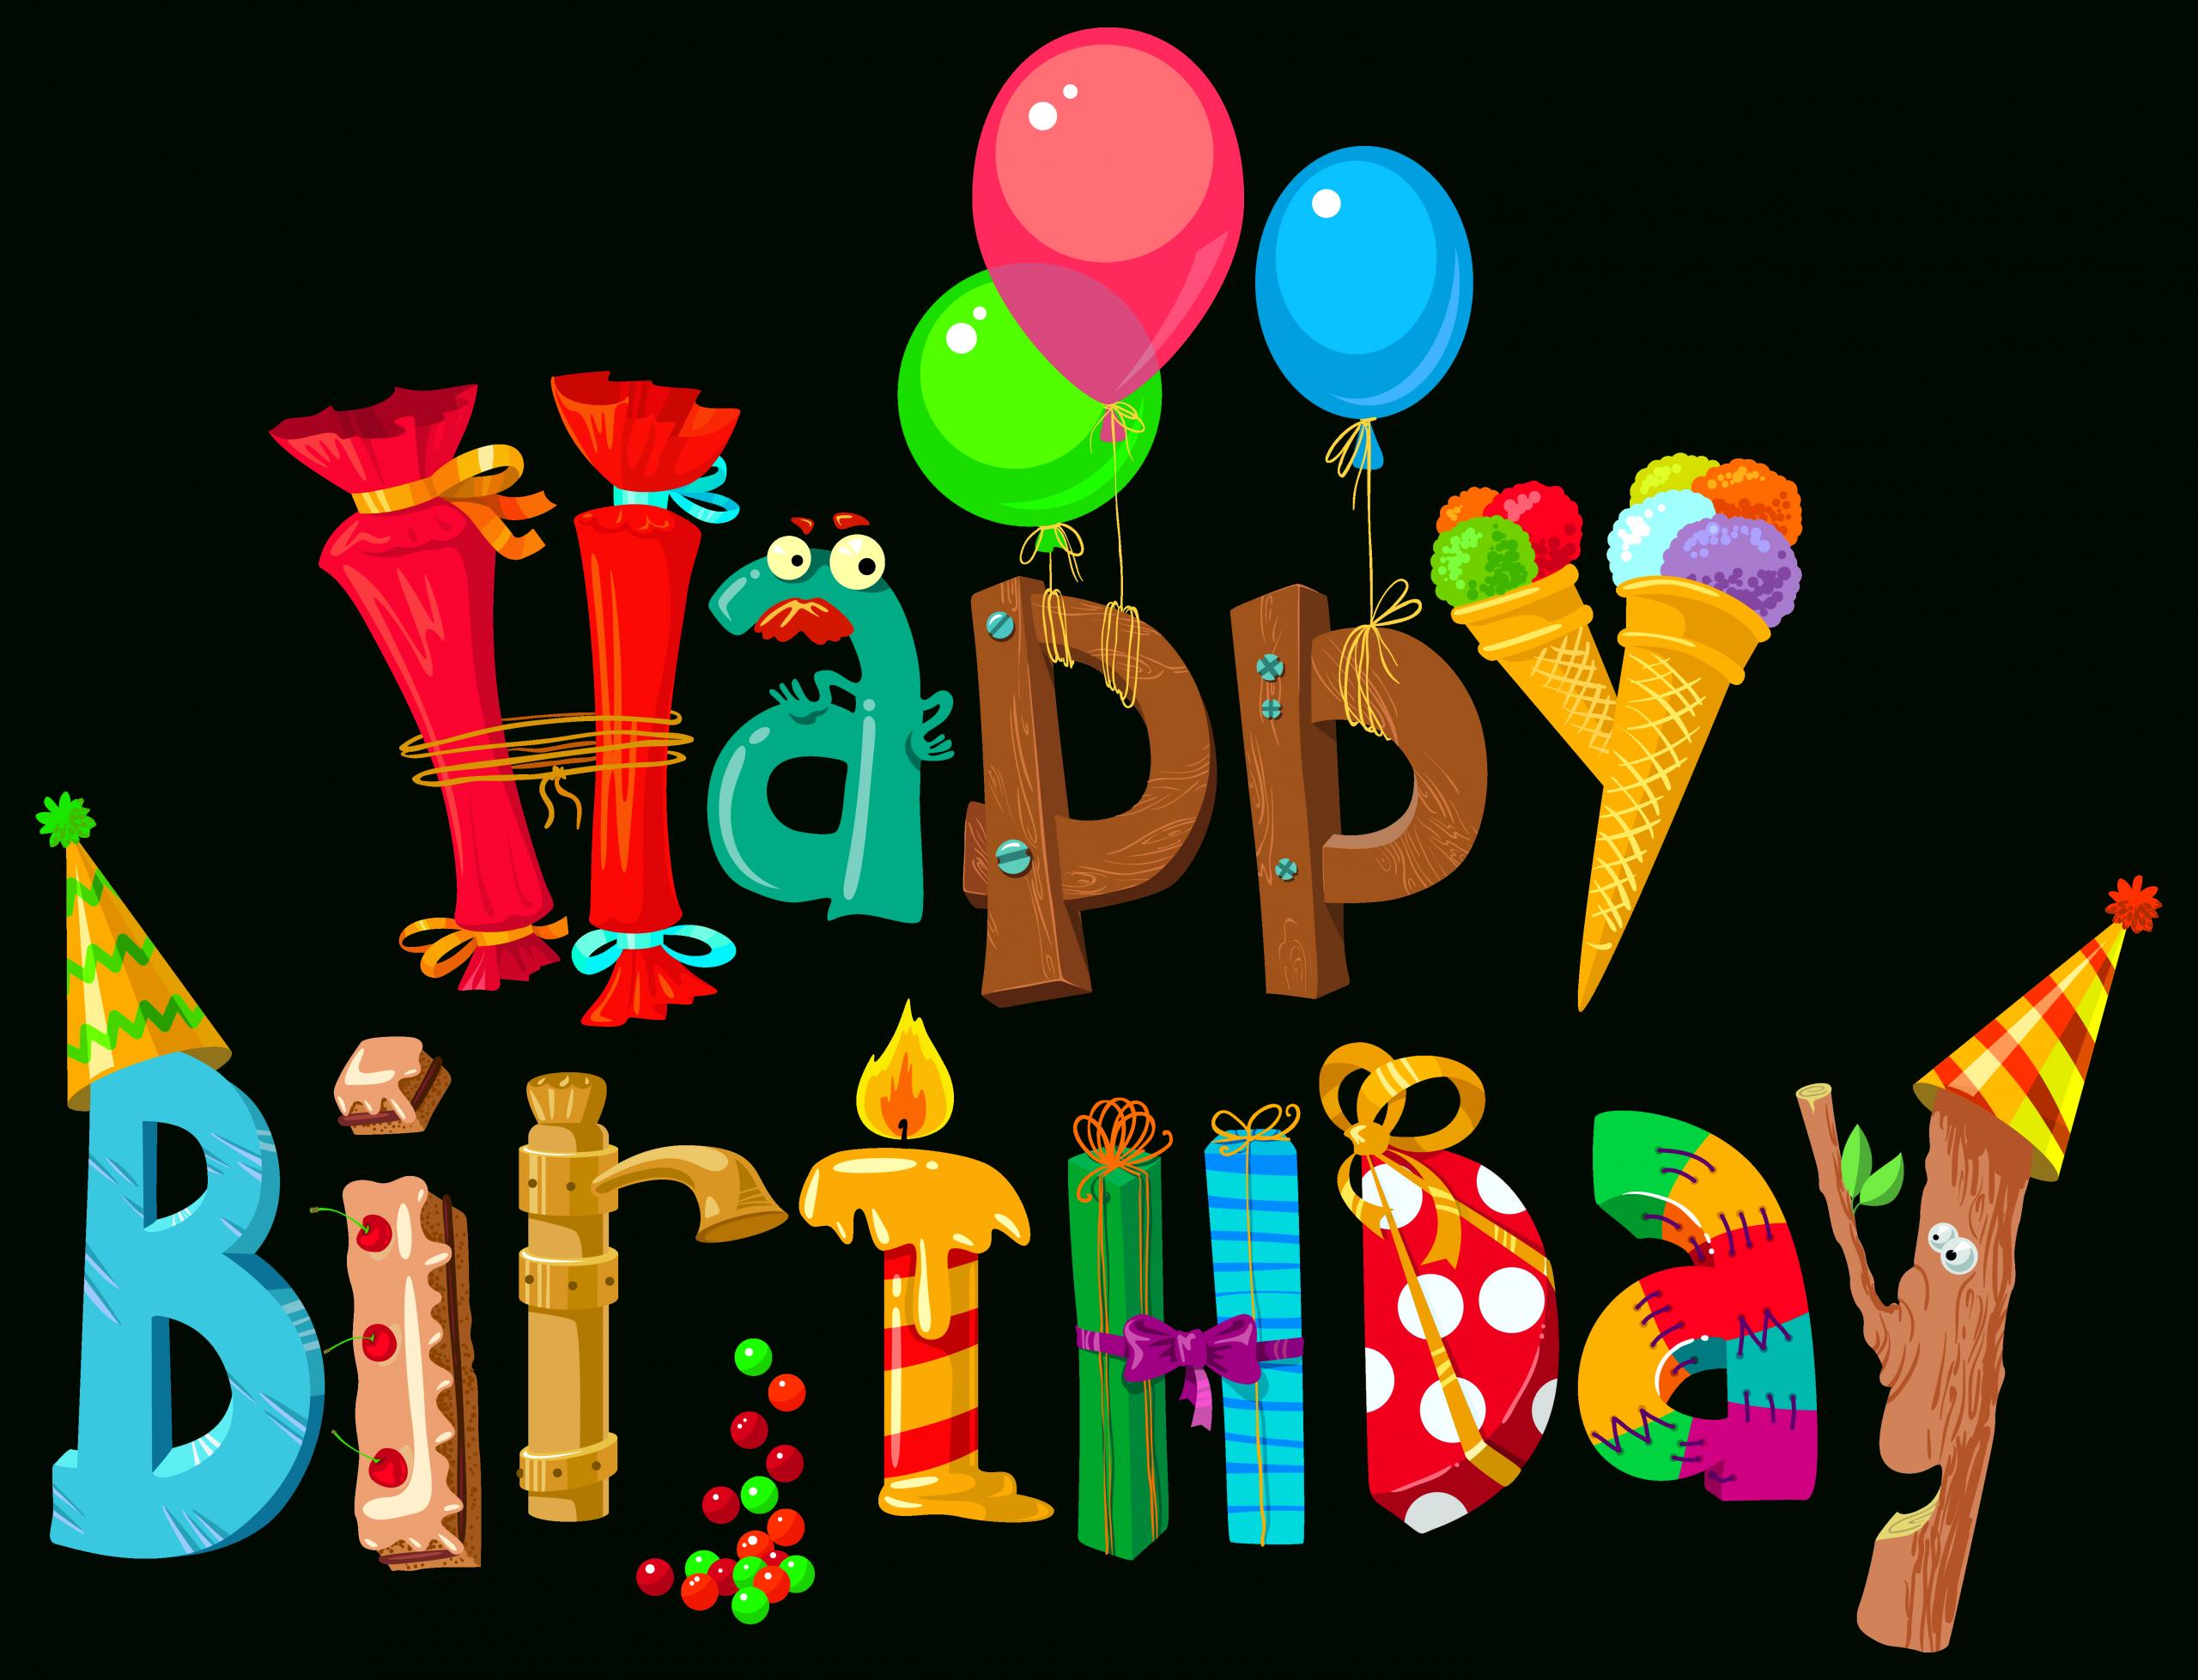 Library Of Gratis Graphic Free Downloads Geburtstag Png bestimmt für Clipart Geburtstag Kostenlos